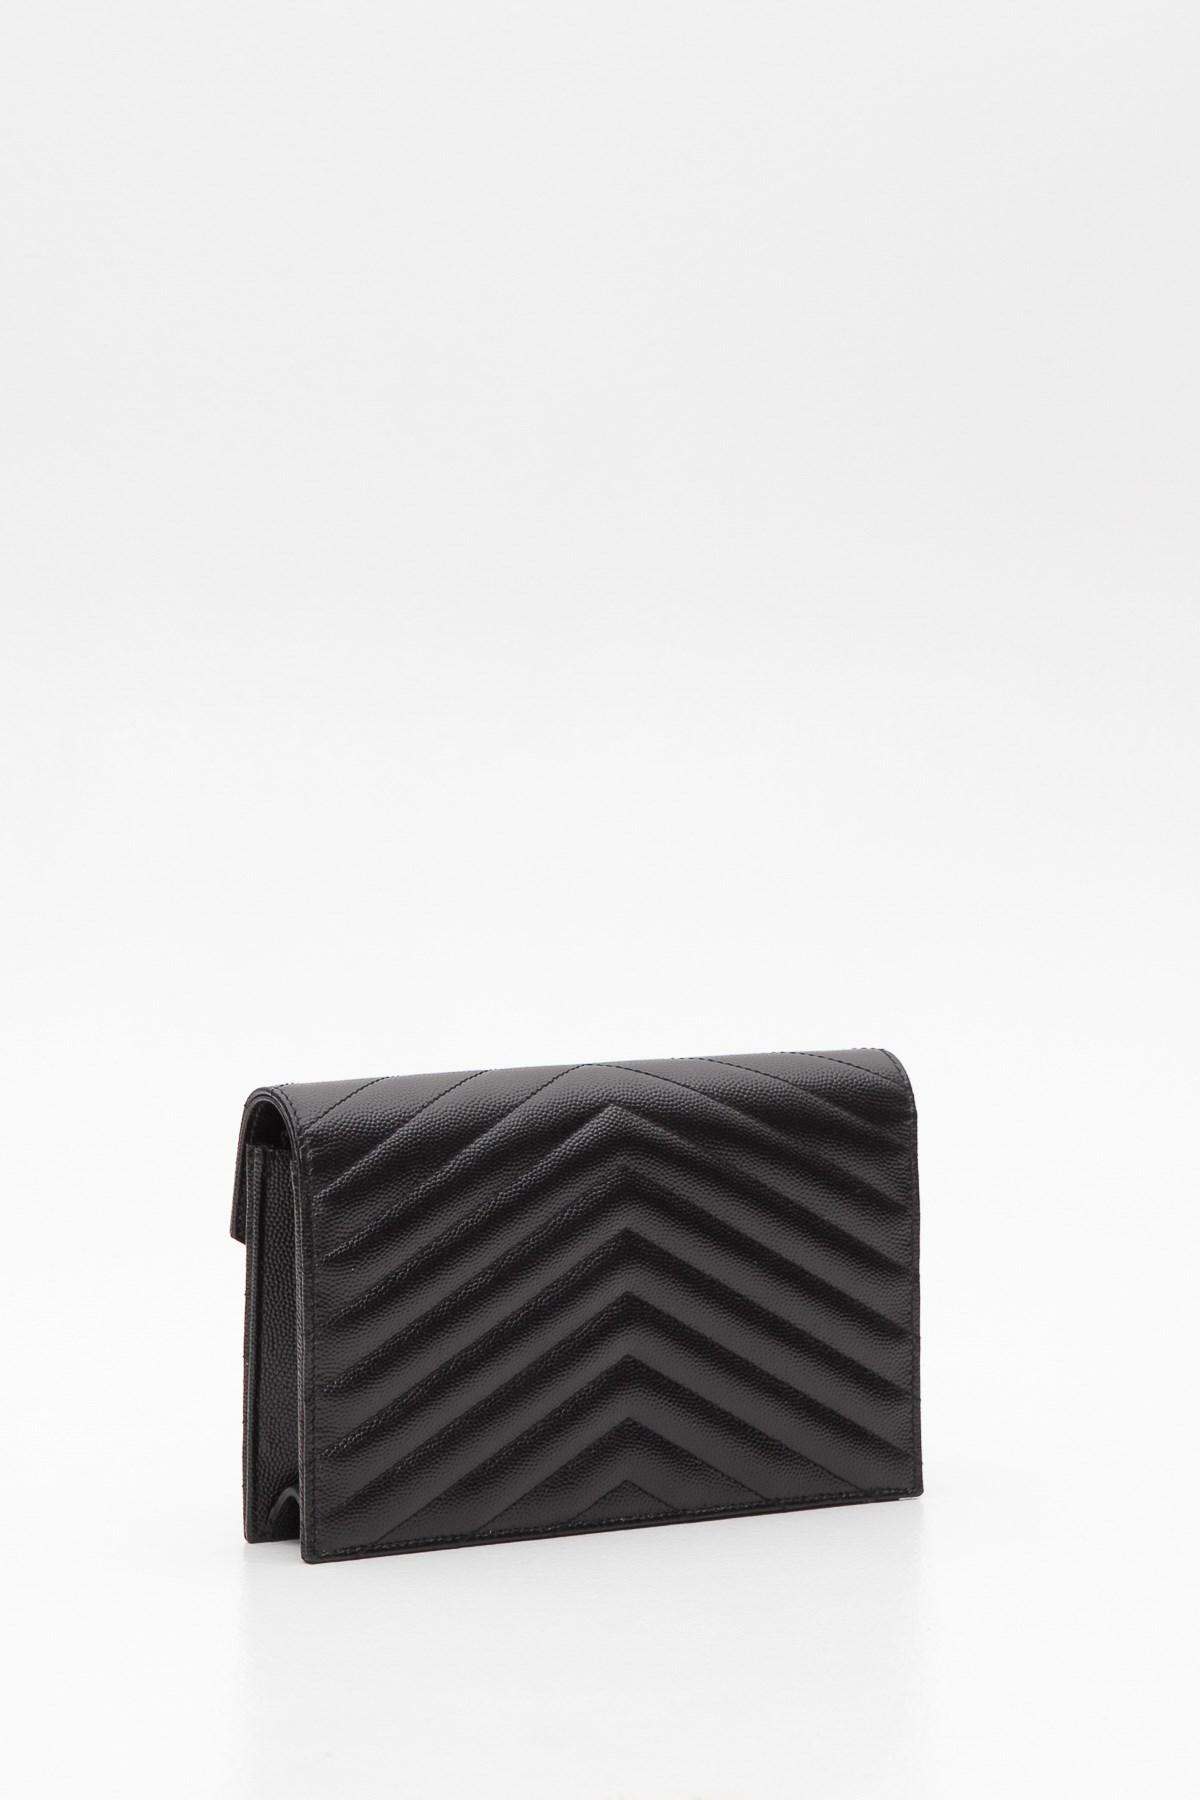 5fcf812c23de Saint Laurent - Multicolor Textured Matelassé Leather Envelope Chain Wallet  - Lyst. View fullscreen